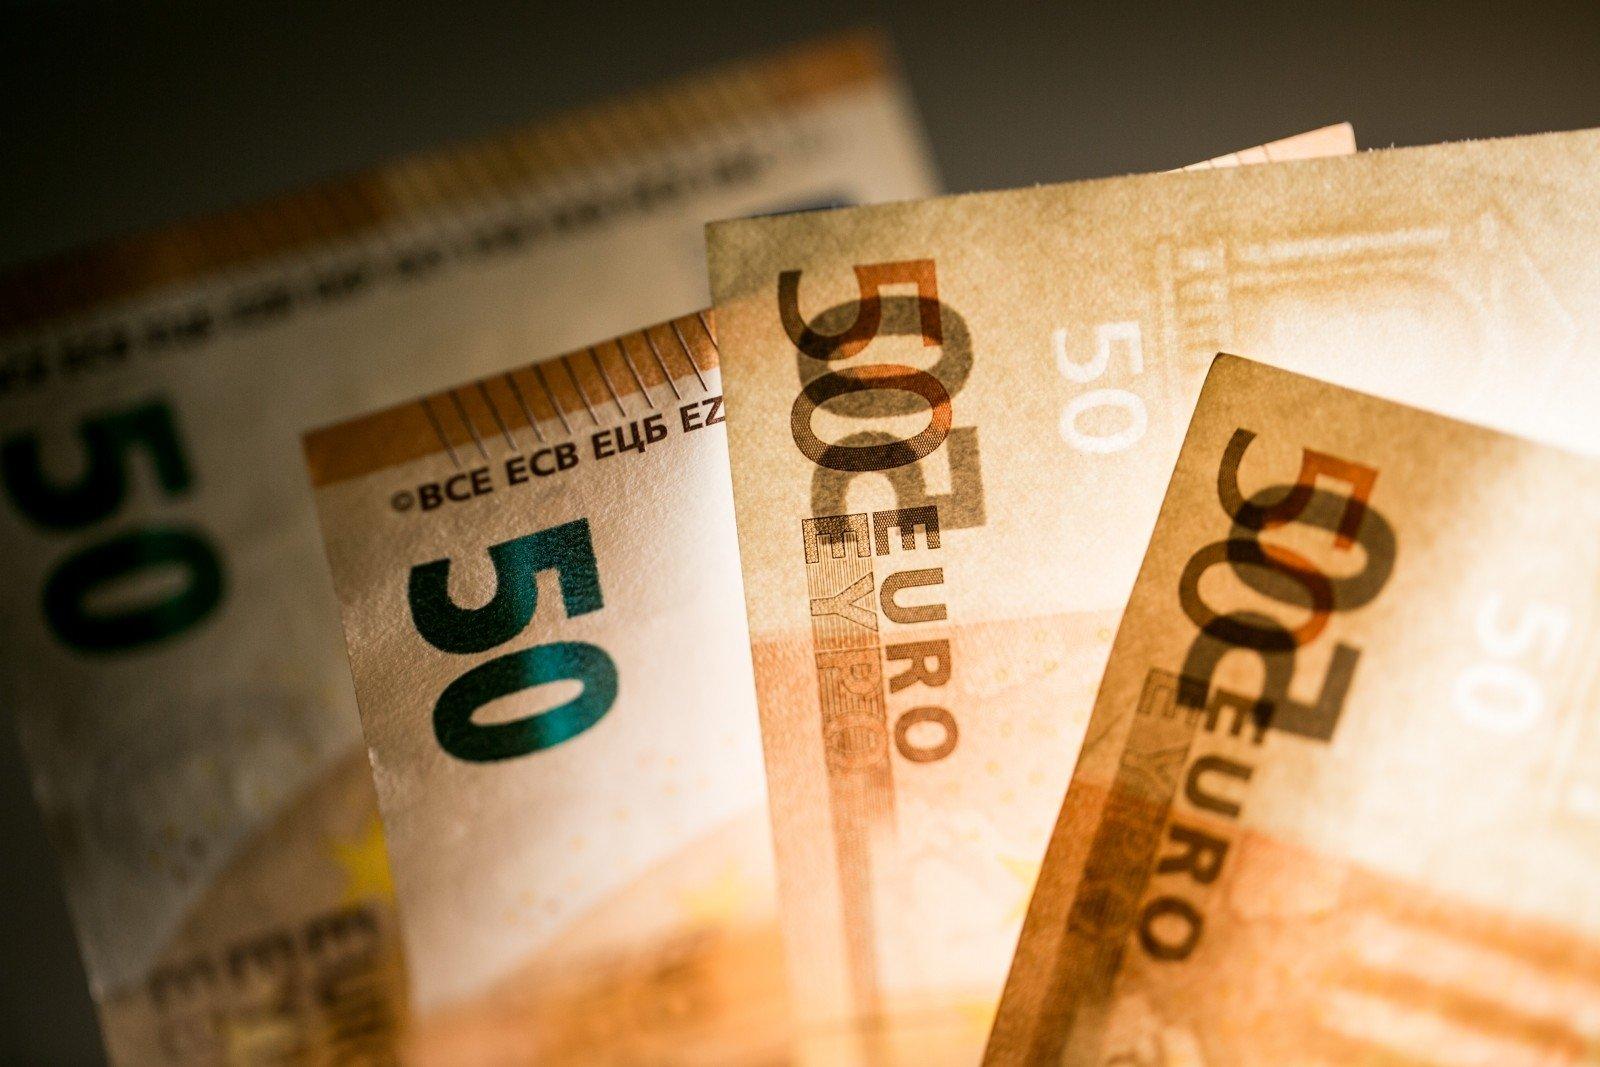 СГД в прошлом году перевыполнила план налоговых поступлений на 4,37 млн евро